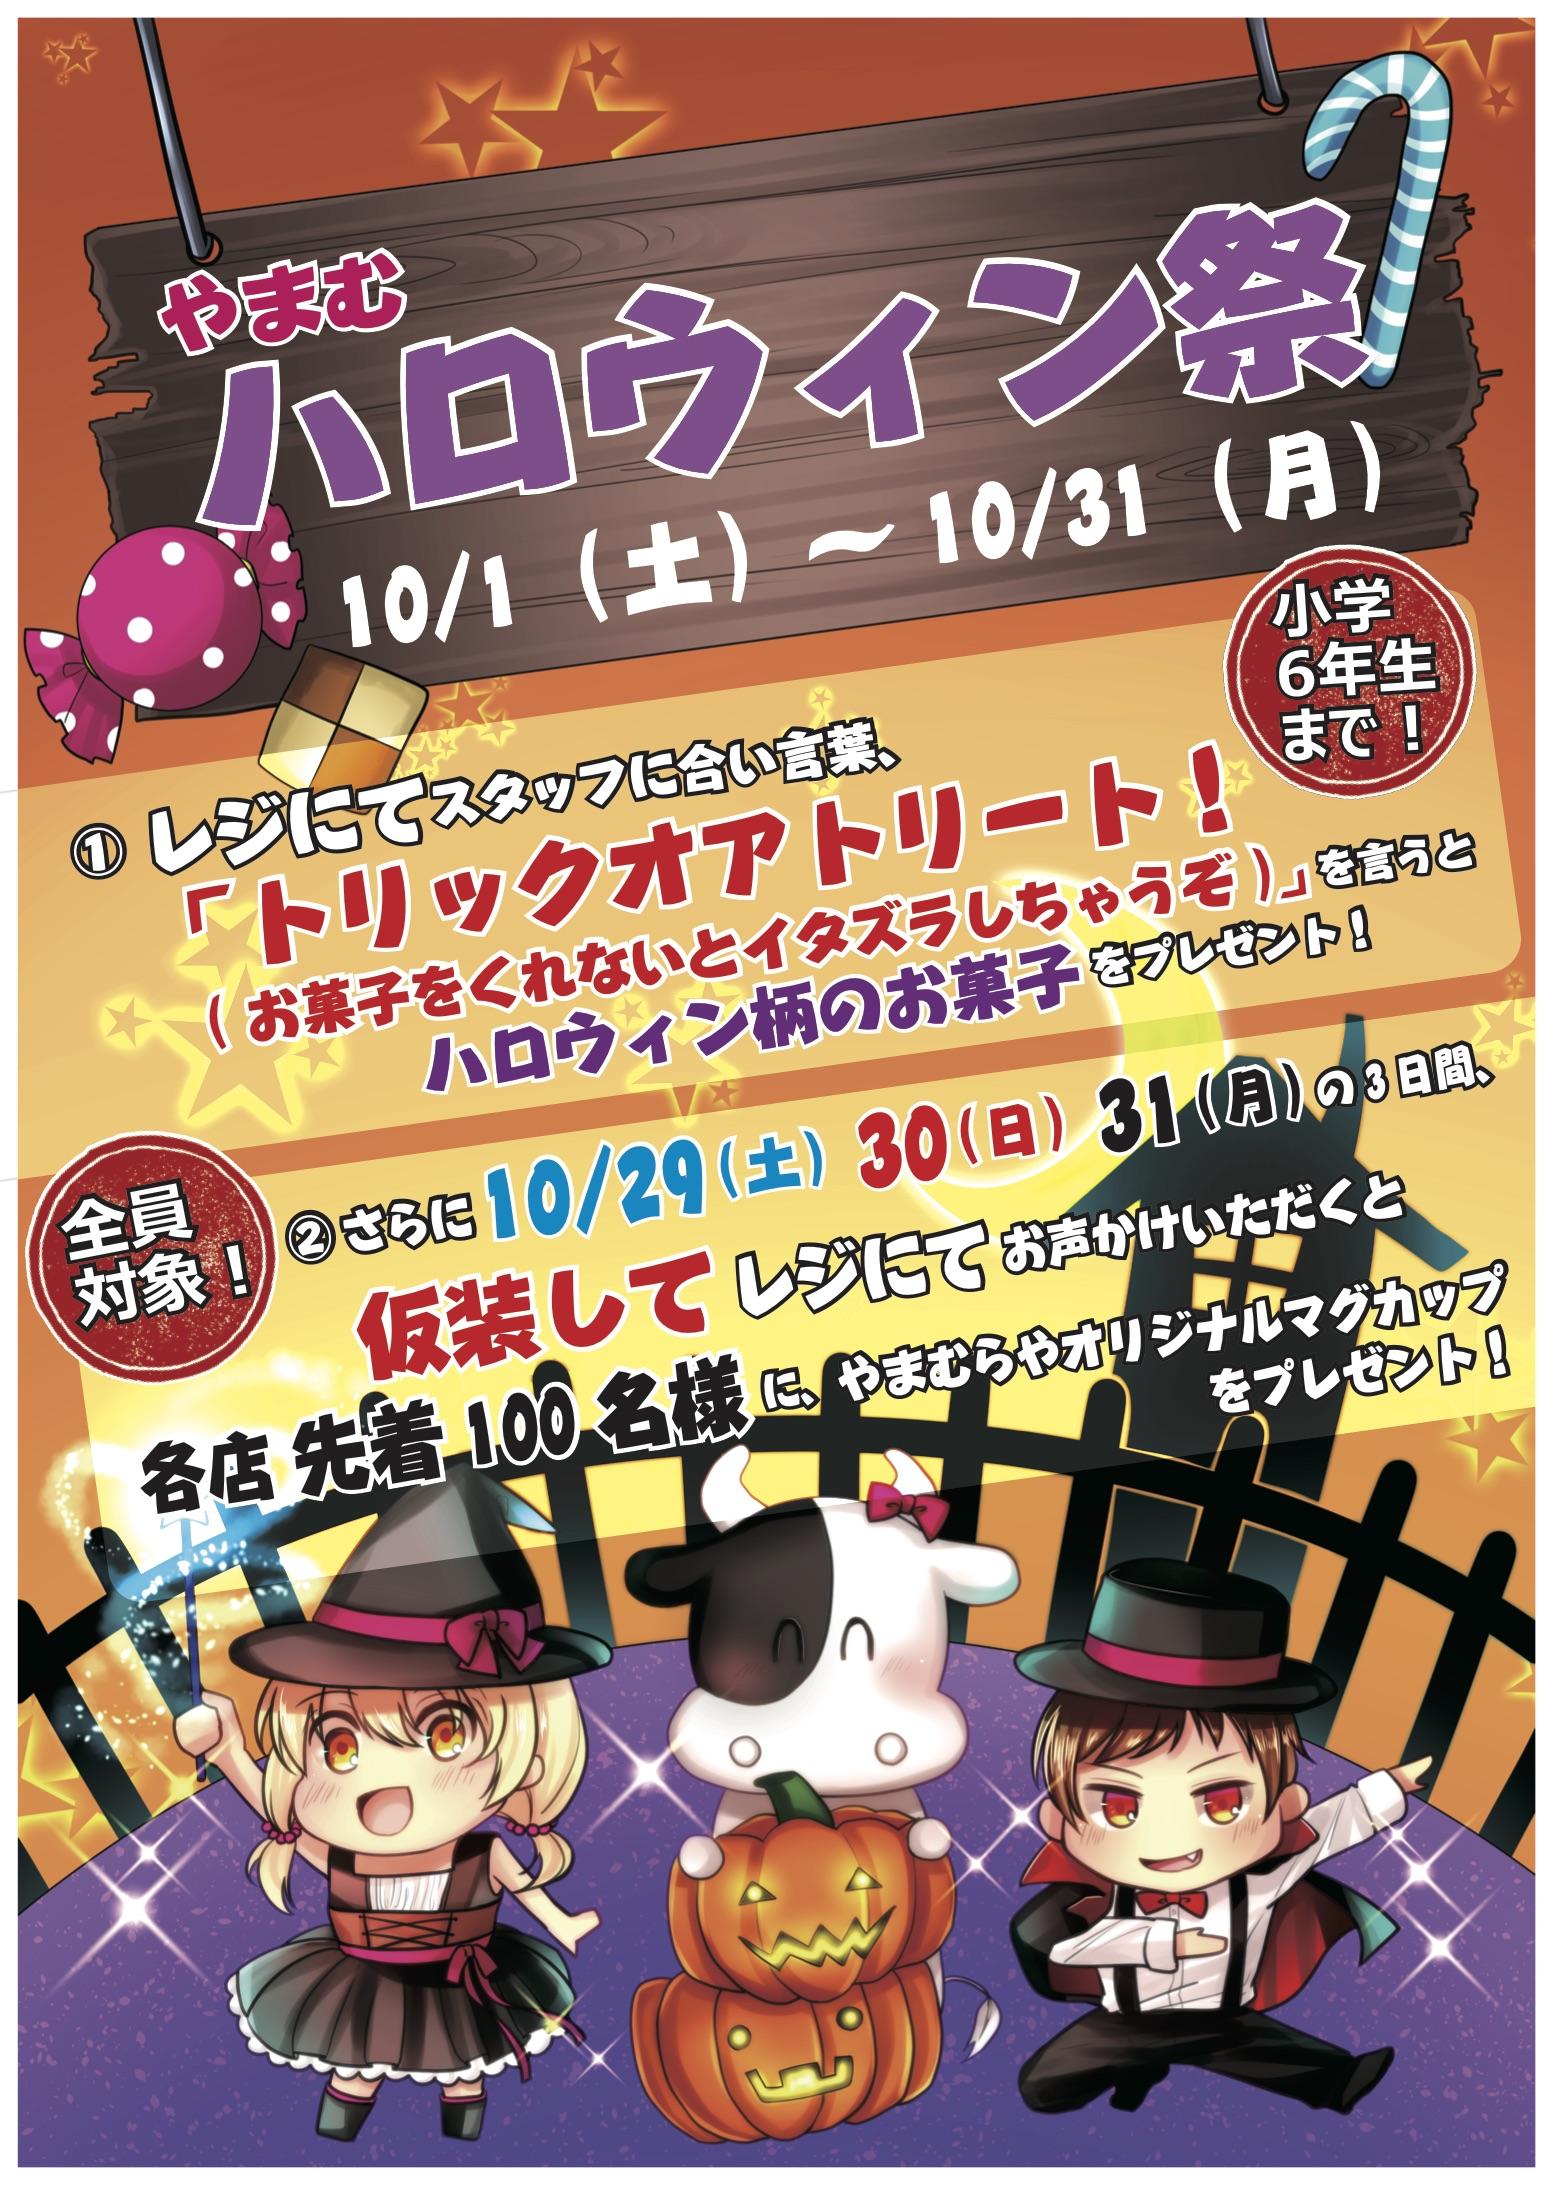 10/1(土) から、「ハロウィン祭」開催!!